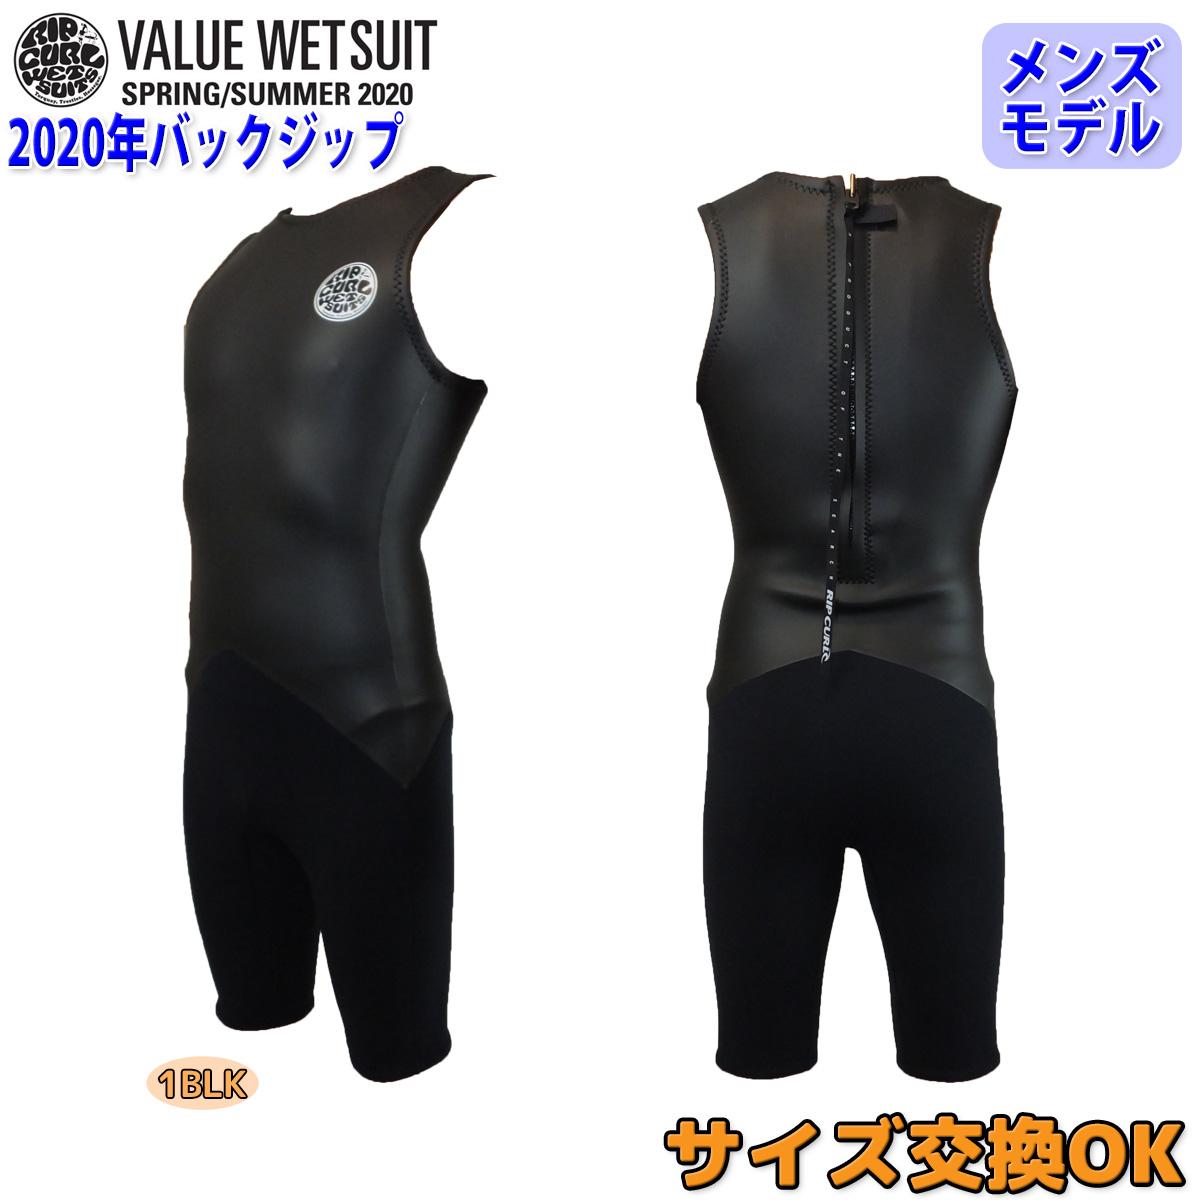 20 RIPCURL リップカール ショートジョン ウェットスーツ ウエットスーツ クラシックバックジップ バリュー 春夏用 メンズモデル 2020年品番S30-243 日本正規品